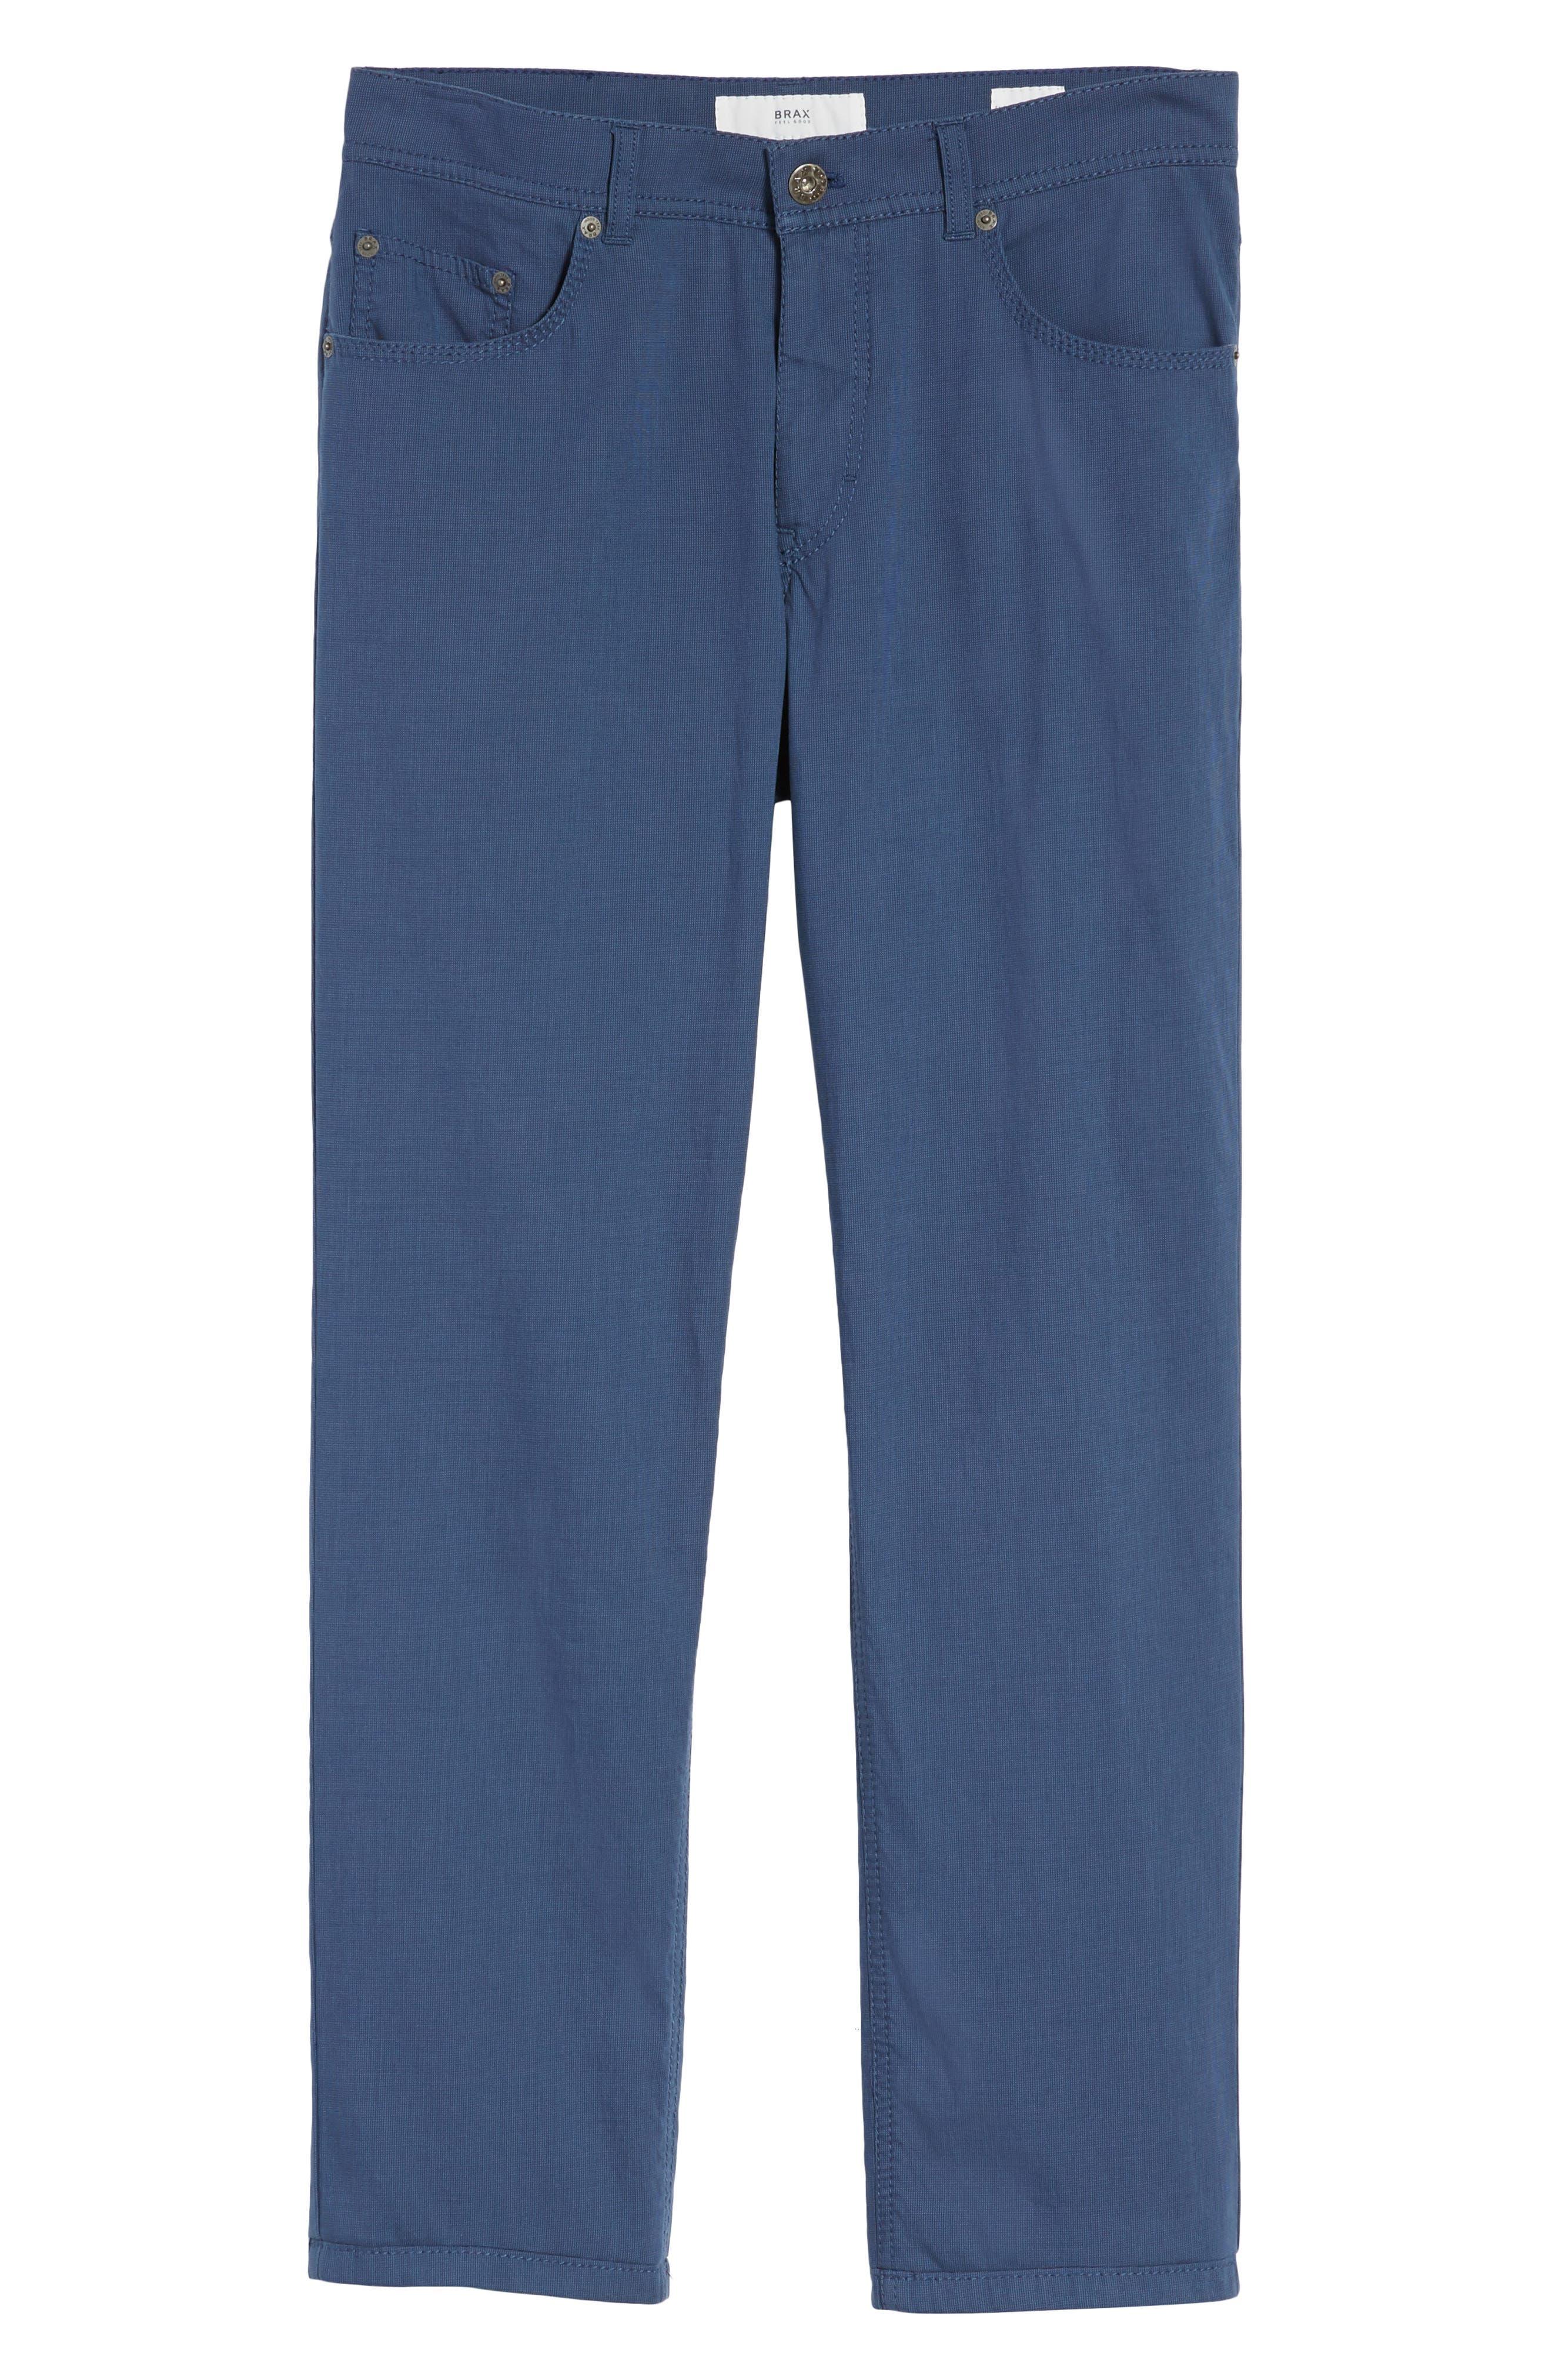 Sensation Stretch Trousers,                             Alternate thumbnail 6, color,                             BLUE